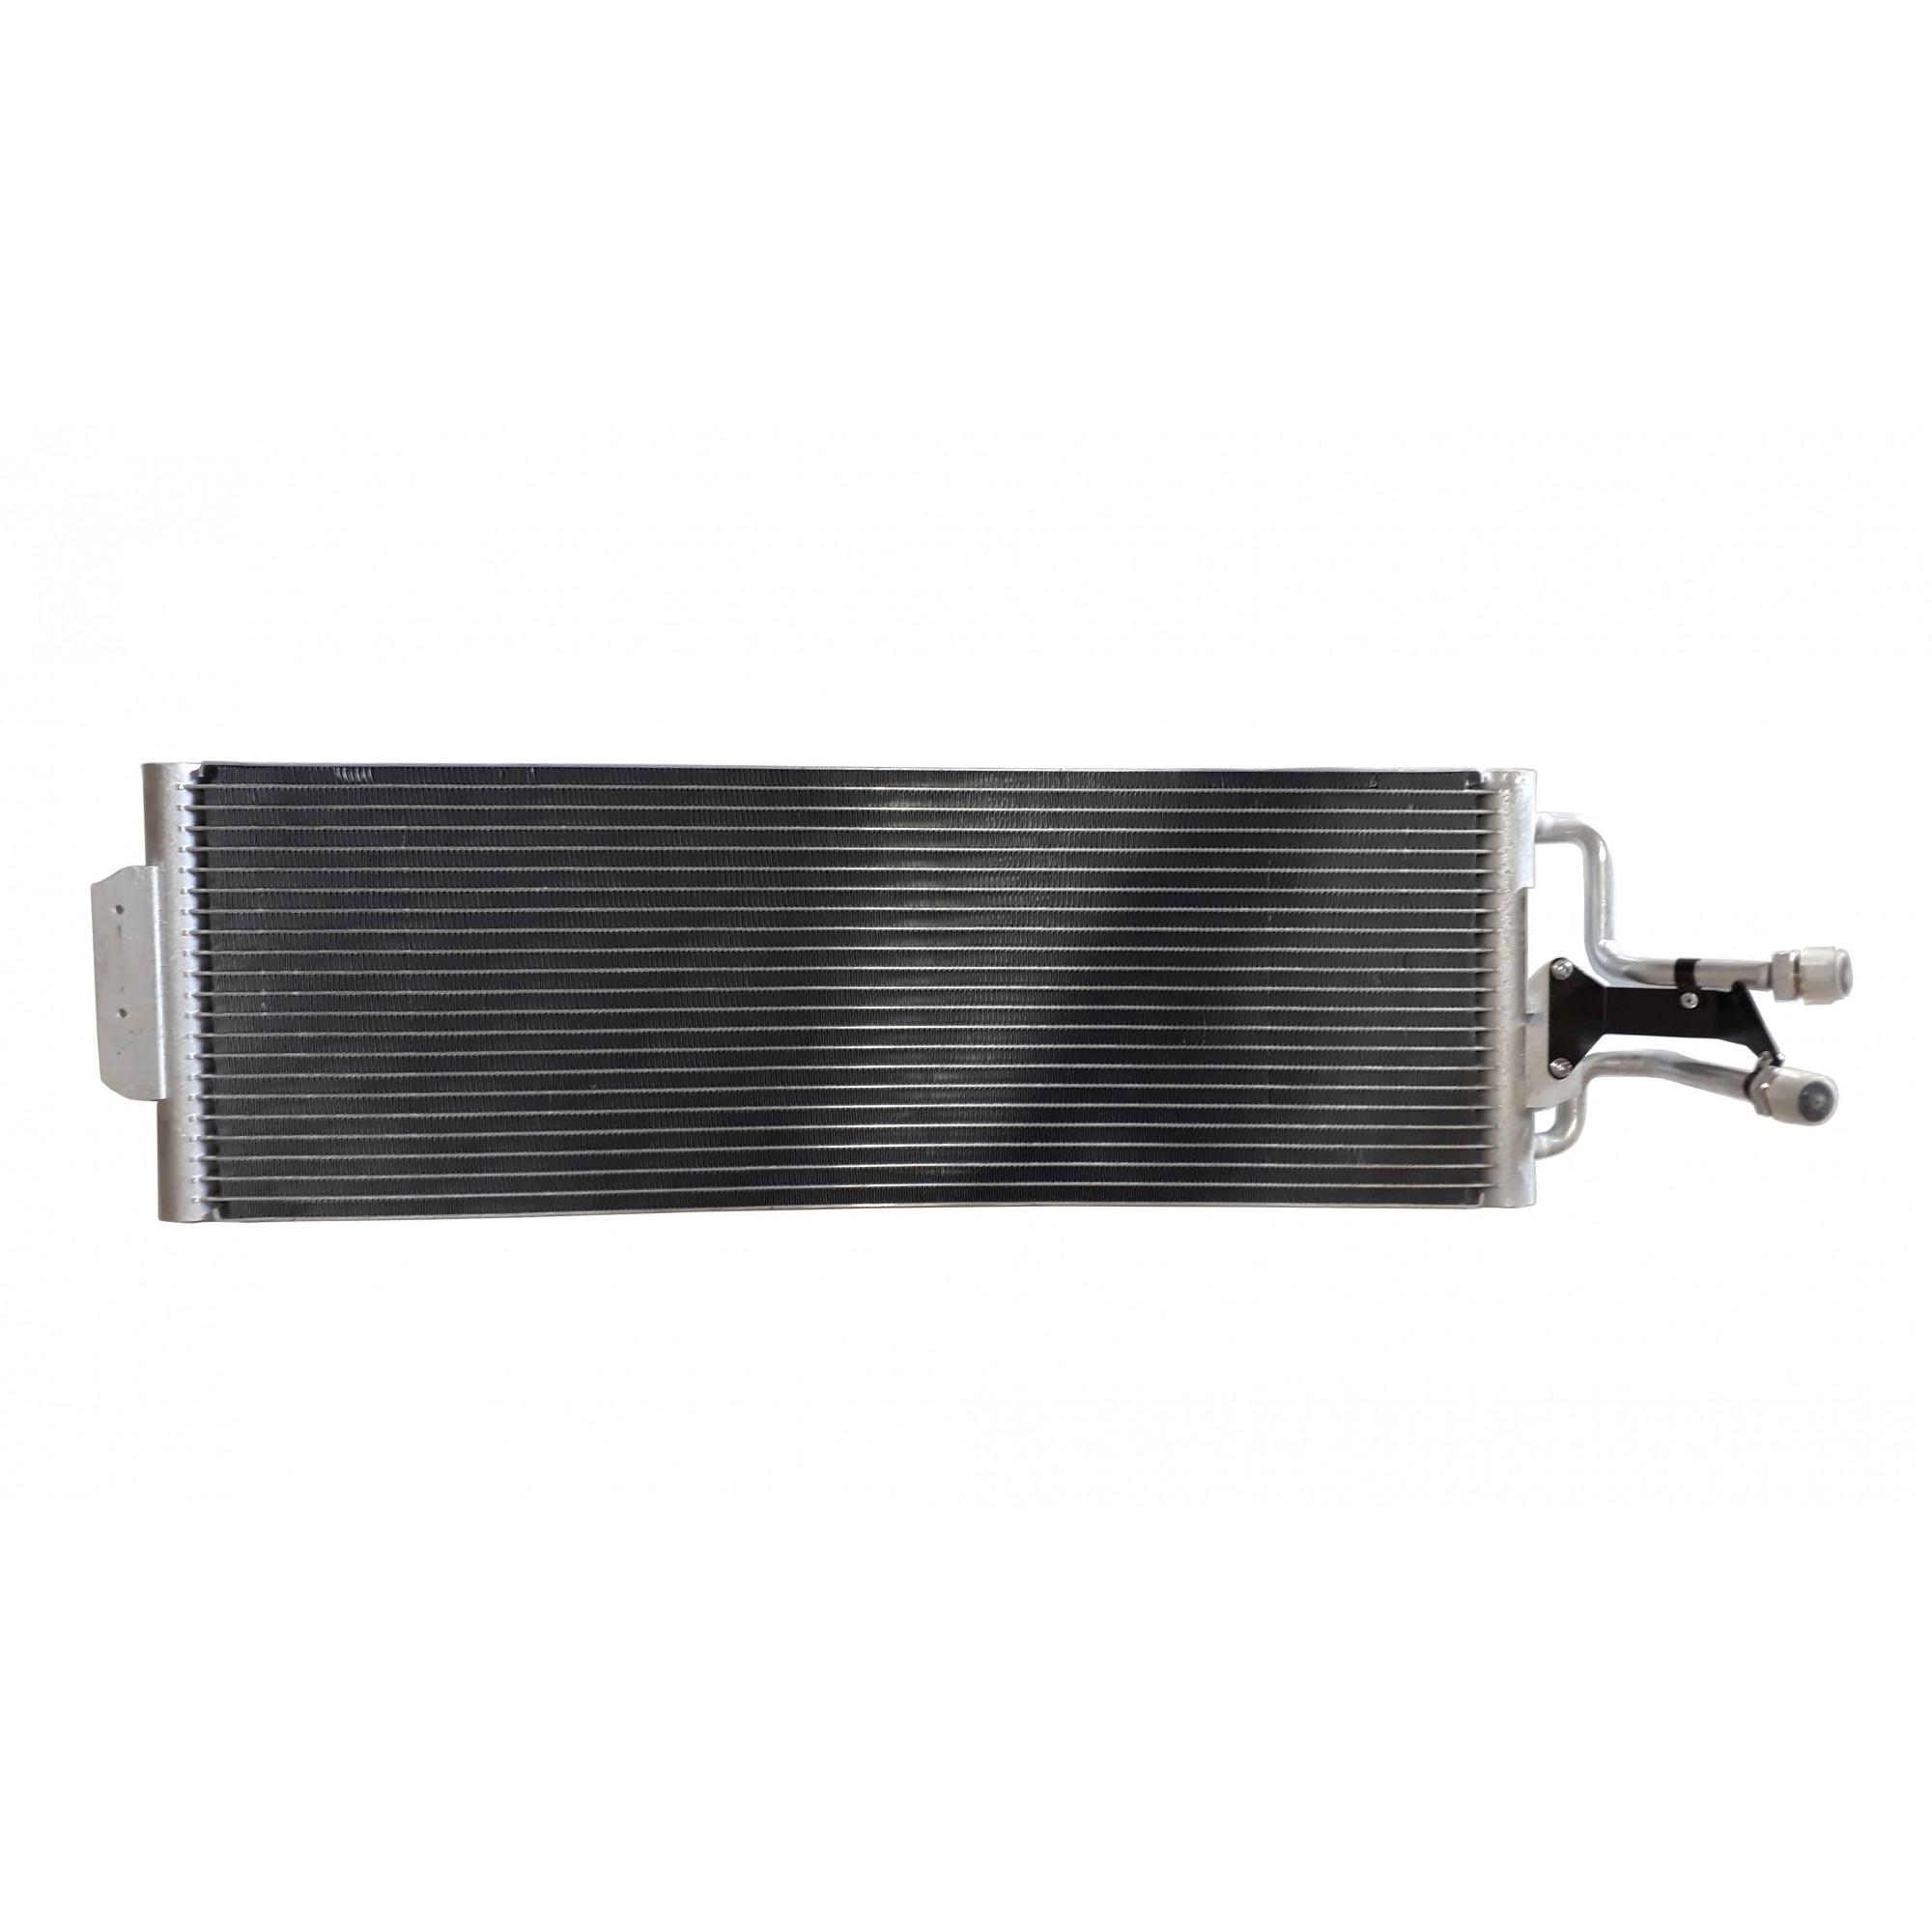 Condensador S10 Blazer 06 07 08 09 10 11 12 - 2.8 - Diesel Pequeno